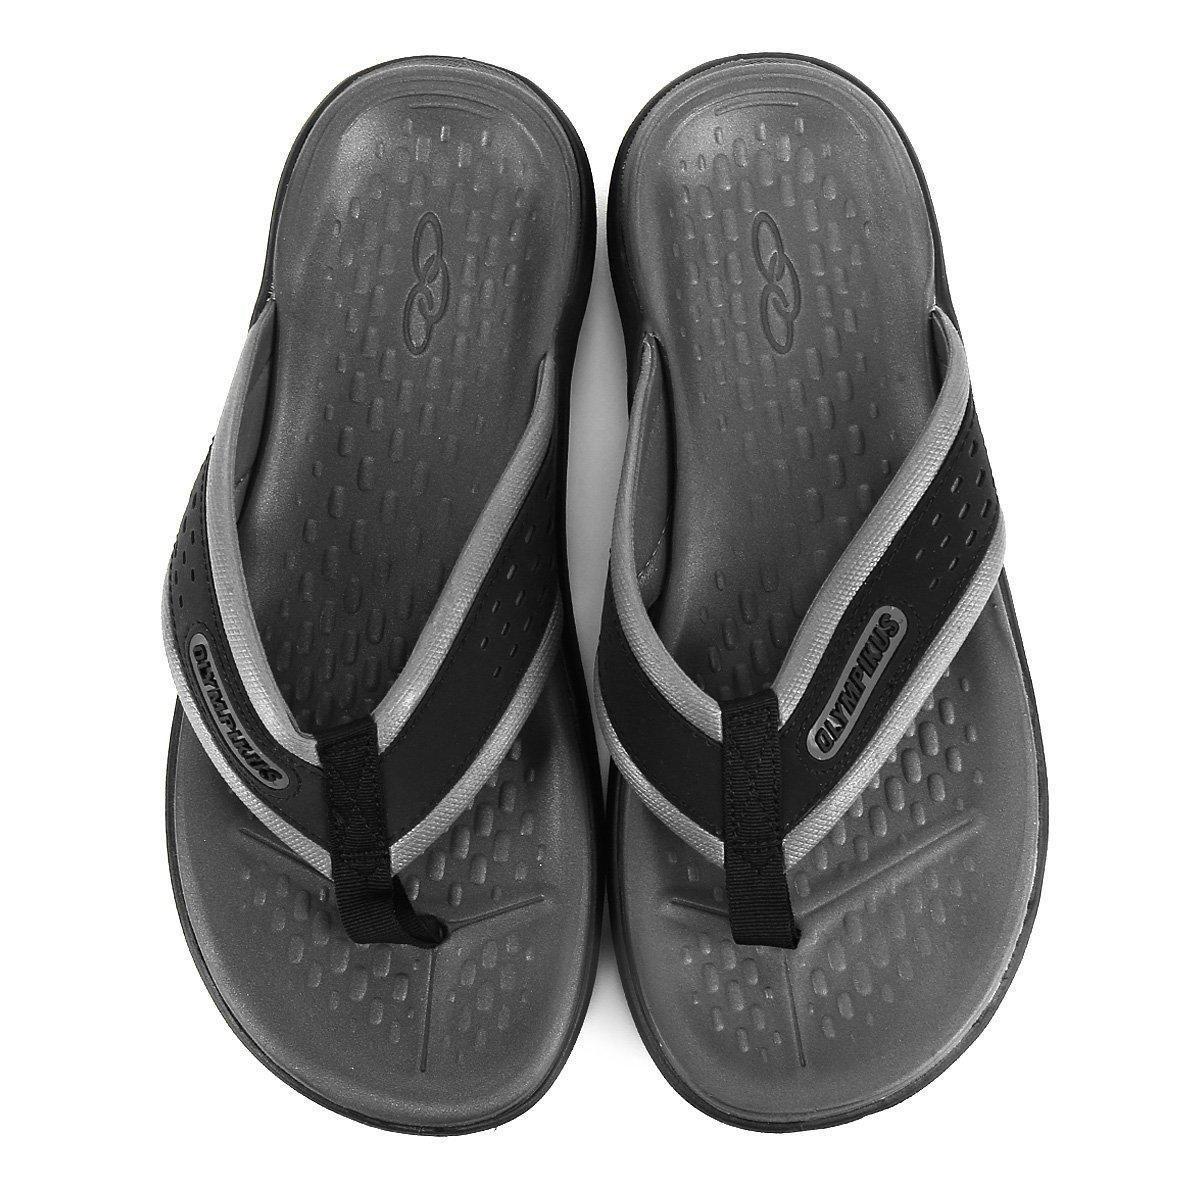 cinta Discreto Competencia  Sandalias y chanclas de hombre Nike Benassi JDI chanclas baño tamaño 40 41  42,5 44 45 46 47,5 nuevo Ropa, calzado y complementos  aniversarioqroo.cozumel.gob.mx